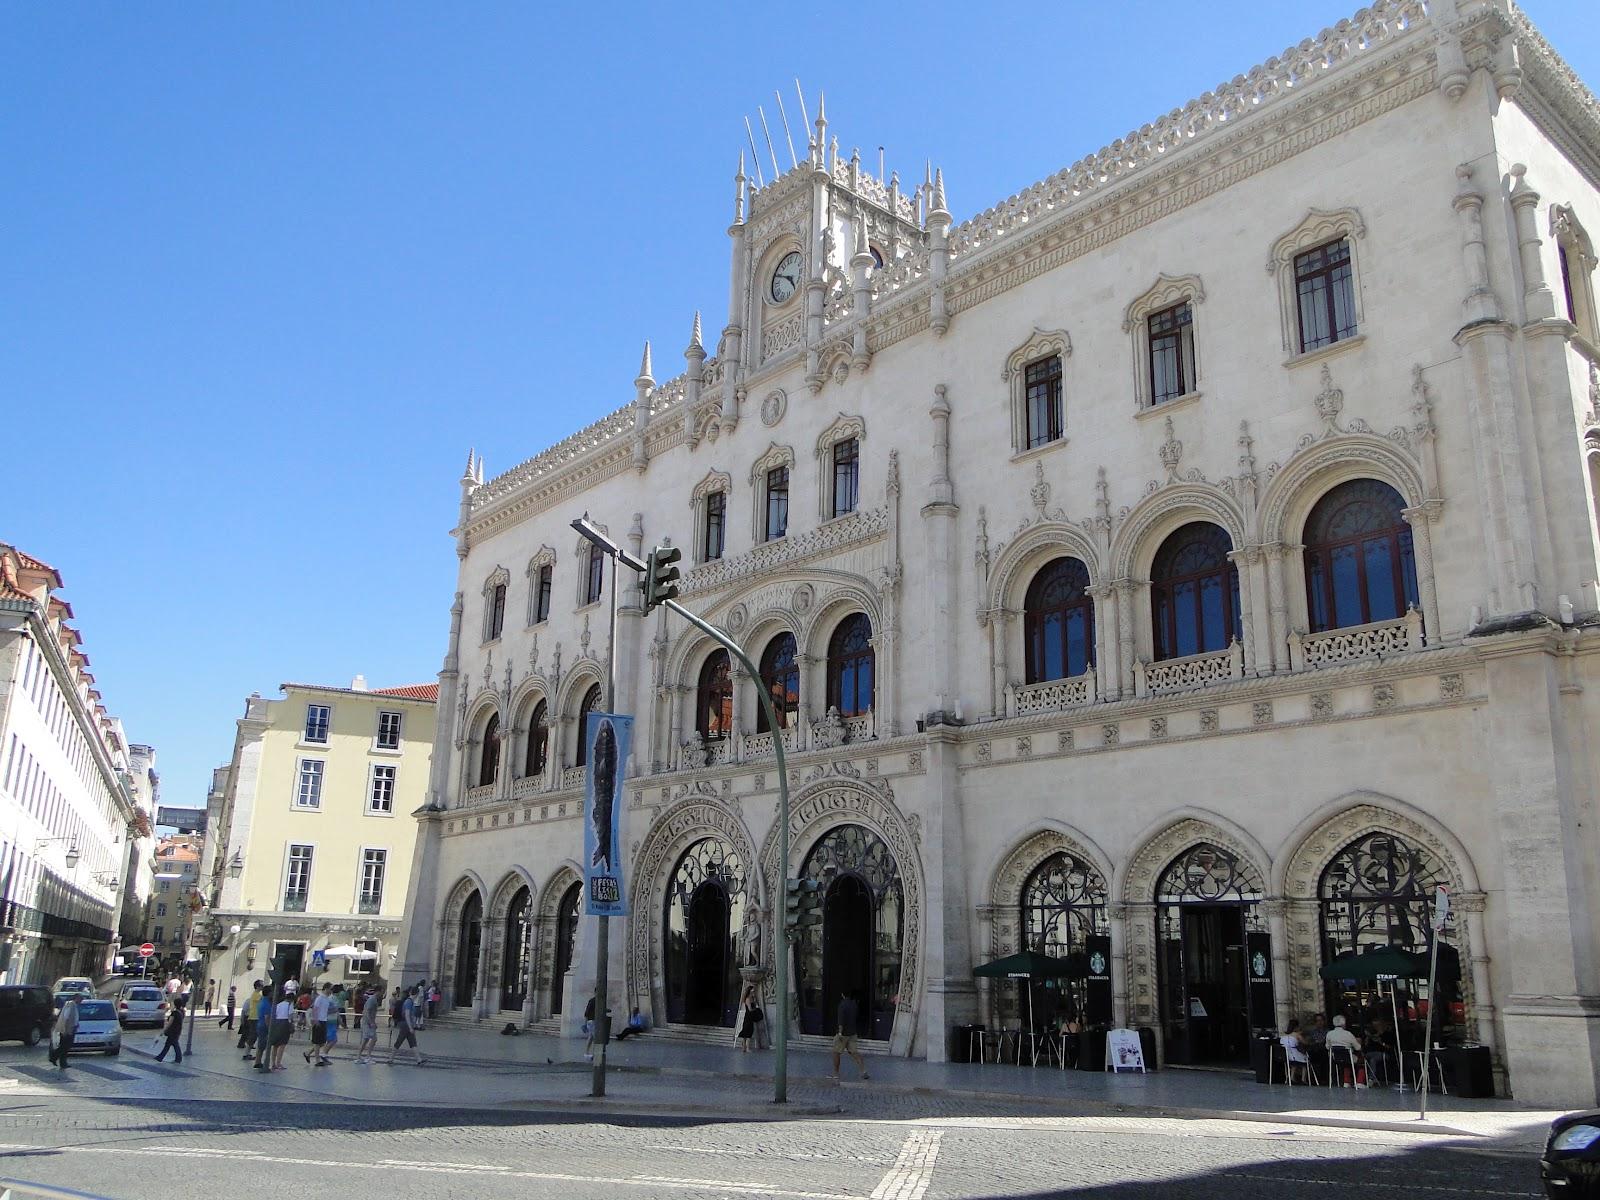 Estação do Rossio, Lisbonne